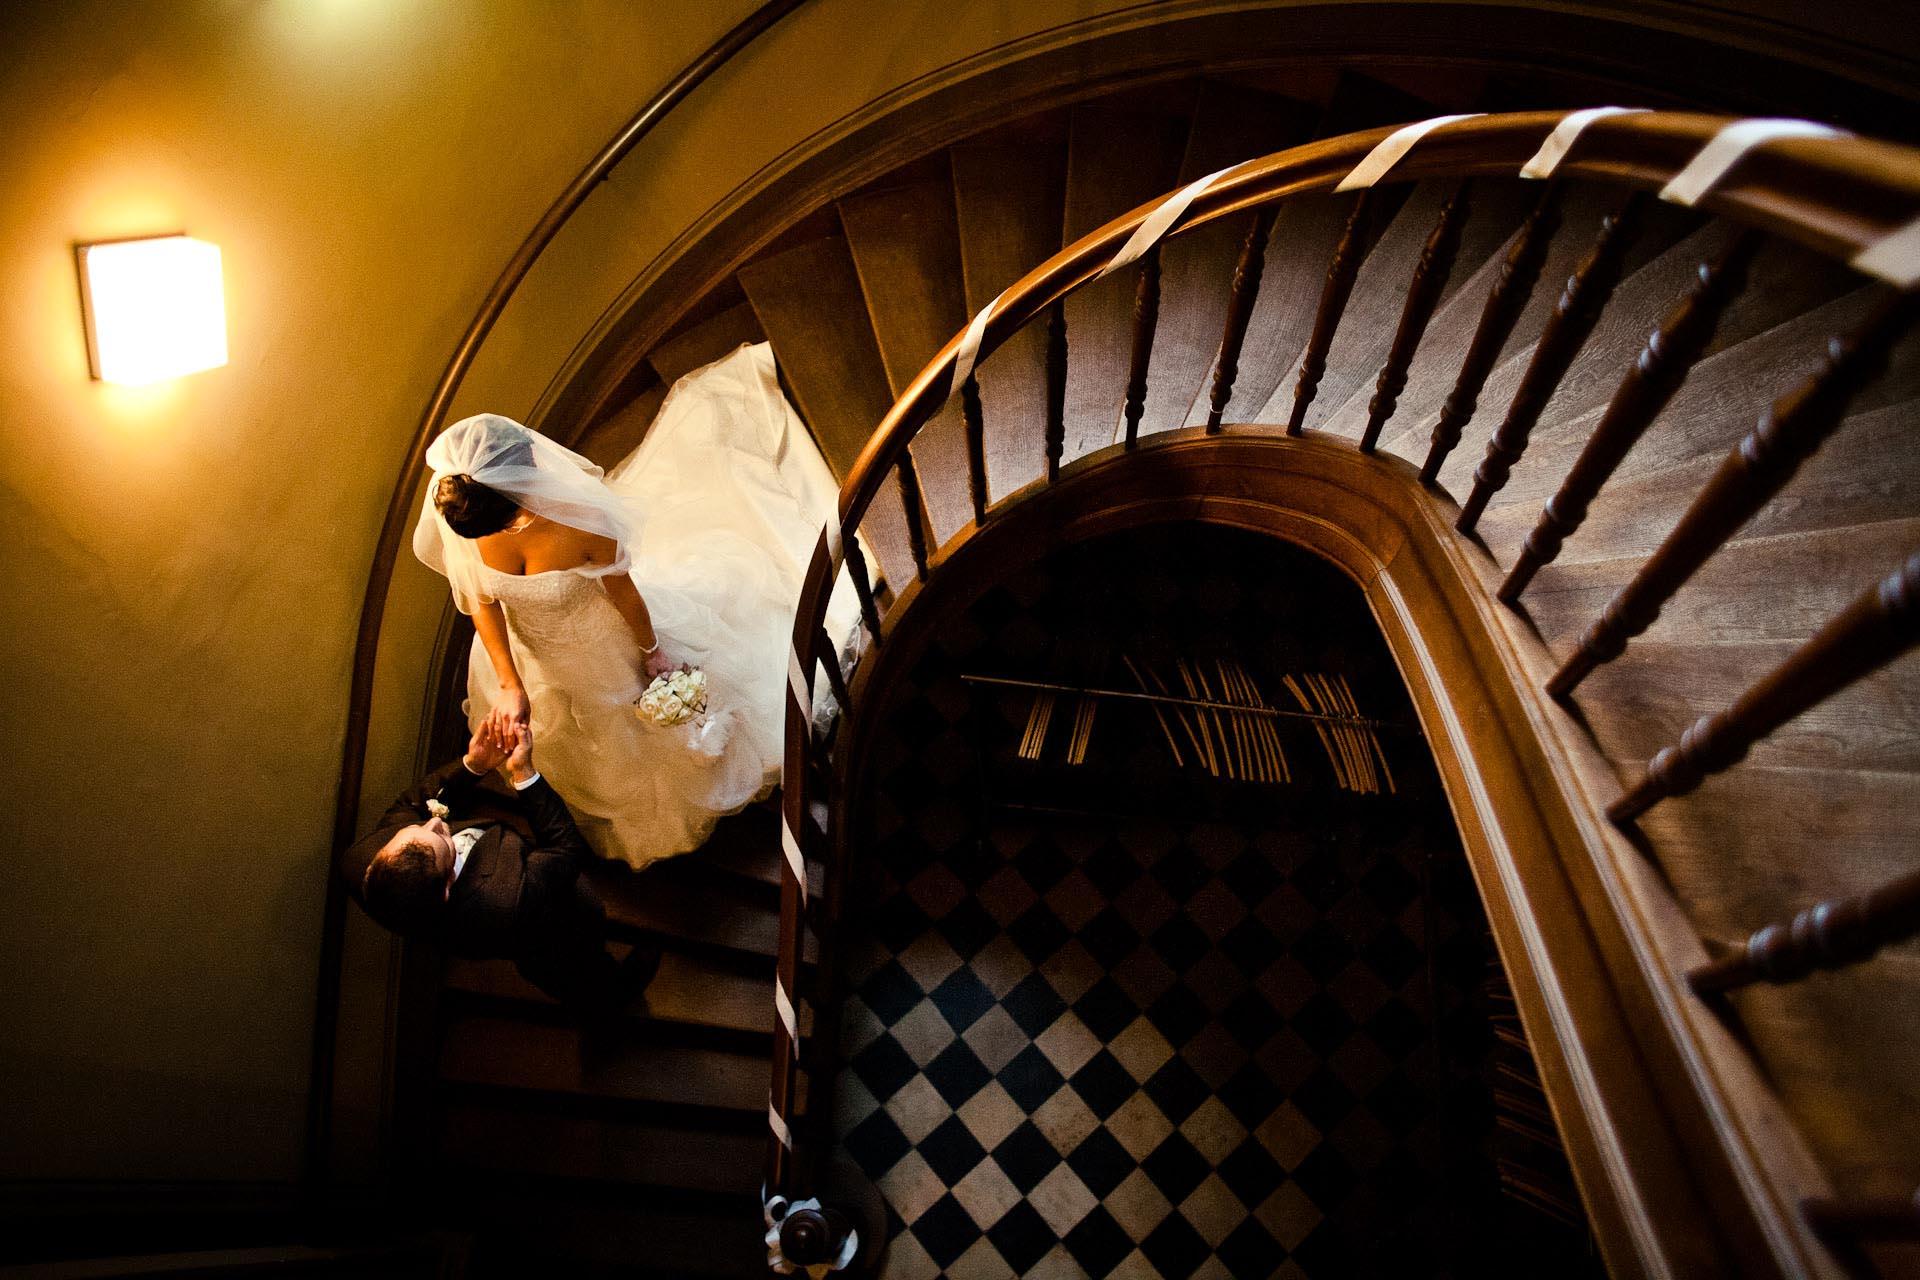 Hochzeitsfotograf Frankfurt hat Brautpaar im Treppenhaus Standesamt fotografiert